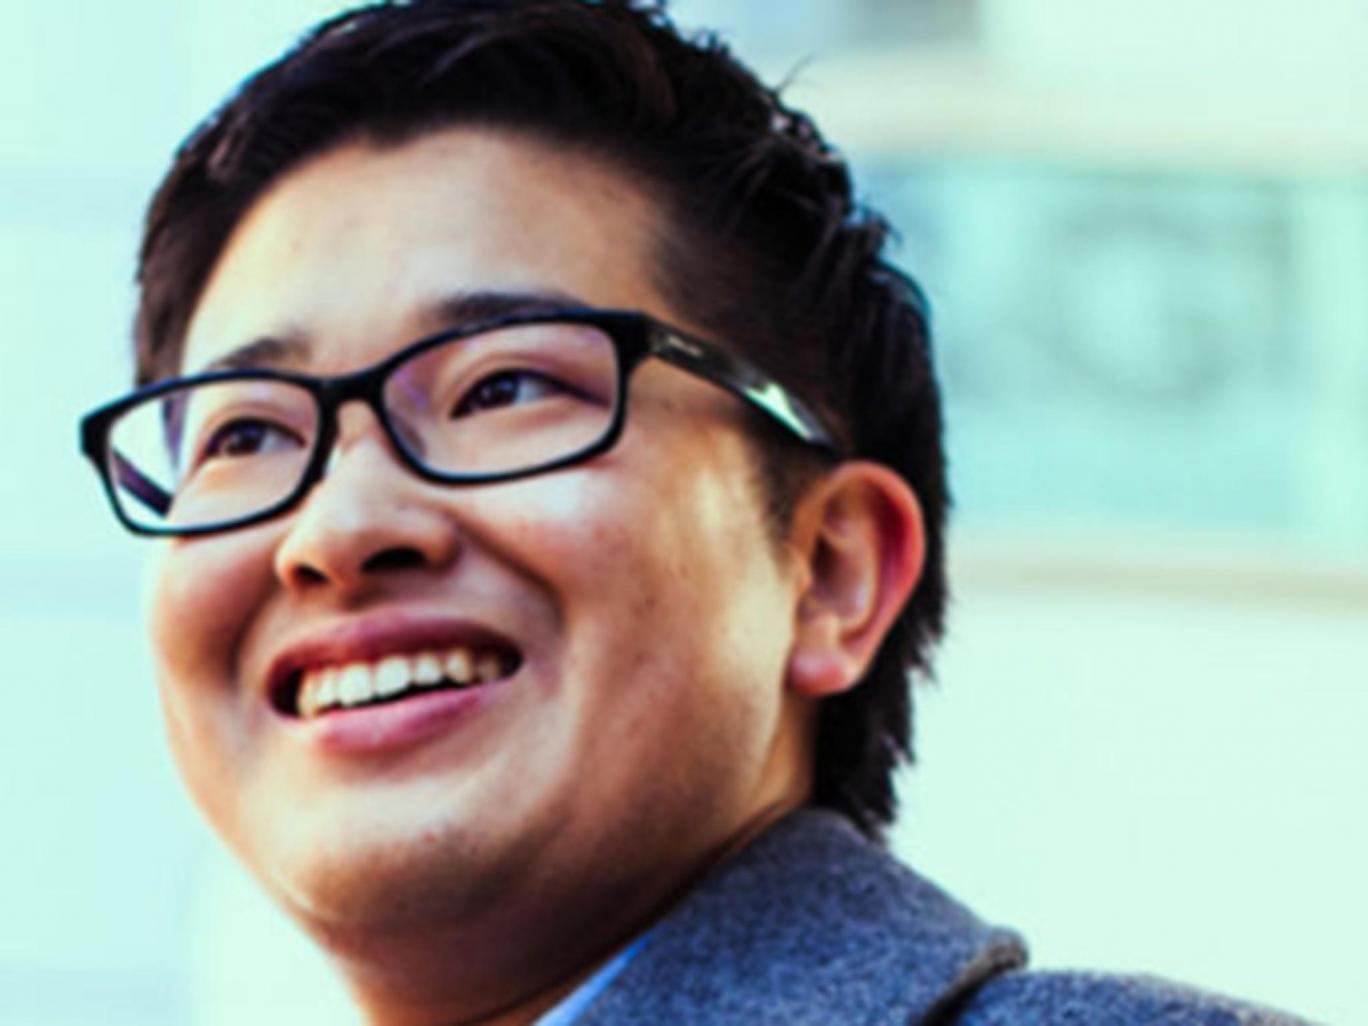 Megválasztották a világ első transznemű férfi közszolgáját